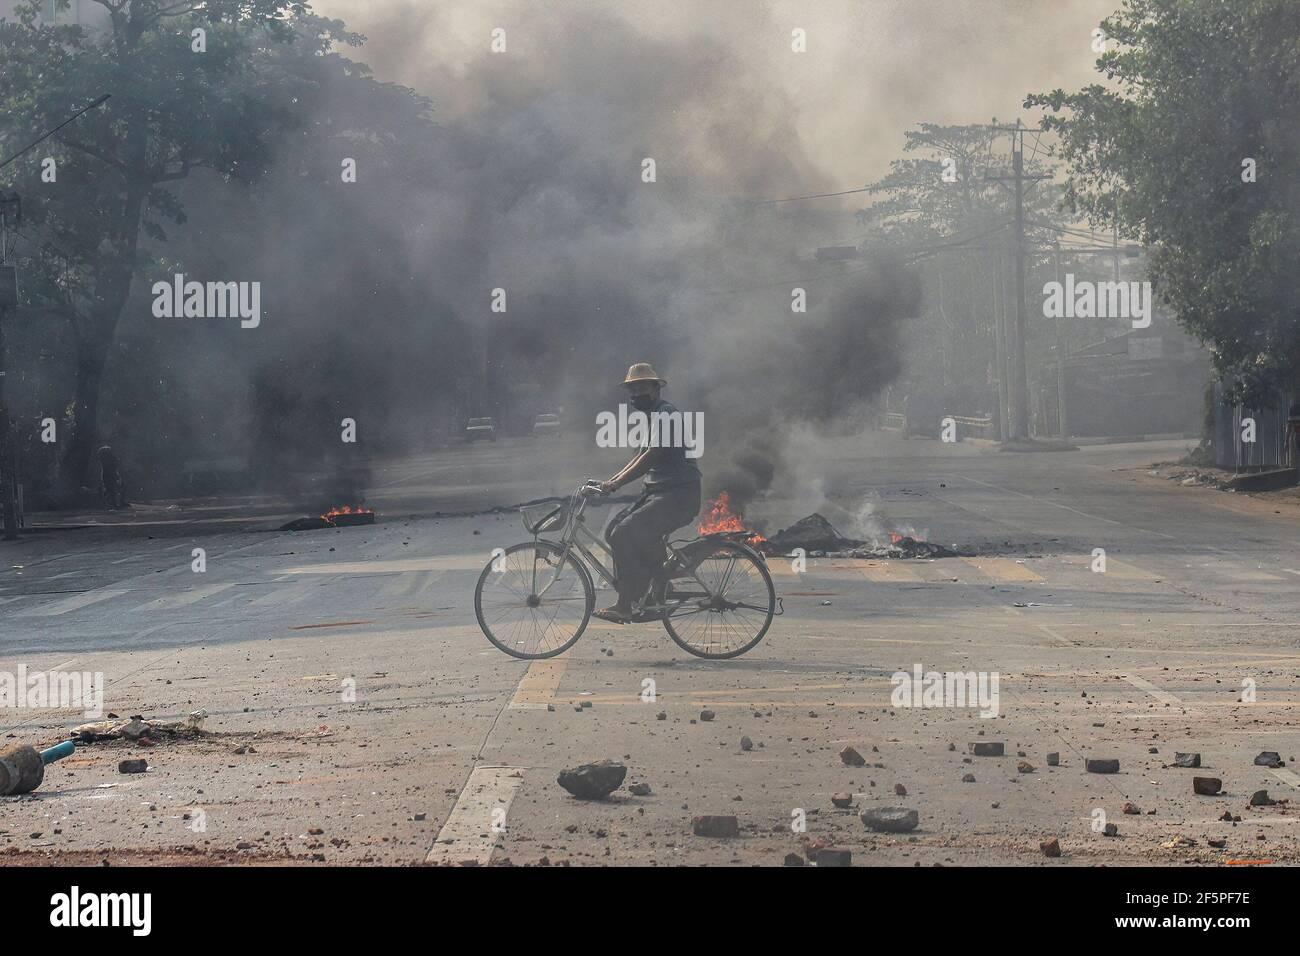 Un cycliste passe devant des pneus en feu dans la rue lors d'une manifestation contre le coup d'État militaire.la police et les militaires du Myanmar (tatmadow) ont attaqué les manifestants avec des balles en caoutchouc, des munitions réelles, des gaz lacrymogènes et des bombes lacrymogènes en réponse aux manifestants anti-coup d'État militaire de samedi, tuant plus de 90 personnes et en blessant beaucoup d'autres. Au moins 300 personnes ont été tuées au Myanmar depuis le coup d'État du 1er février, a déclaré un responsable des droits de l'homme de l'ONU. L'armée du Myanmar a détenu le conseiller d'État du Myanmar Aung San Suu Kyi le 01 février 2021 et a déclaré l'état d'urgence tout en prenant le pouvoir Banque D'Images